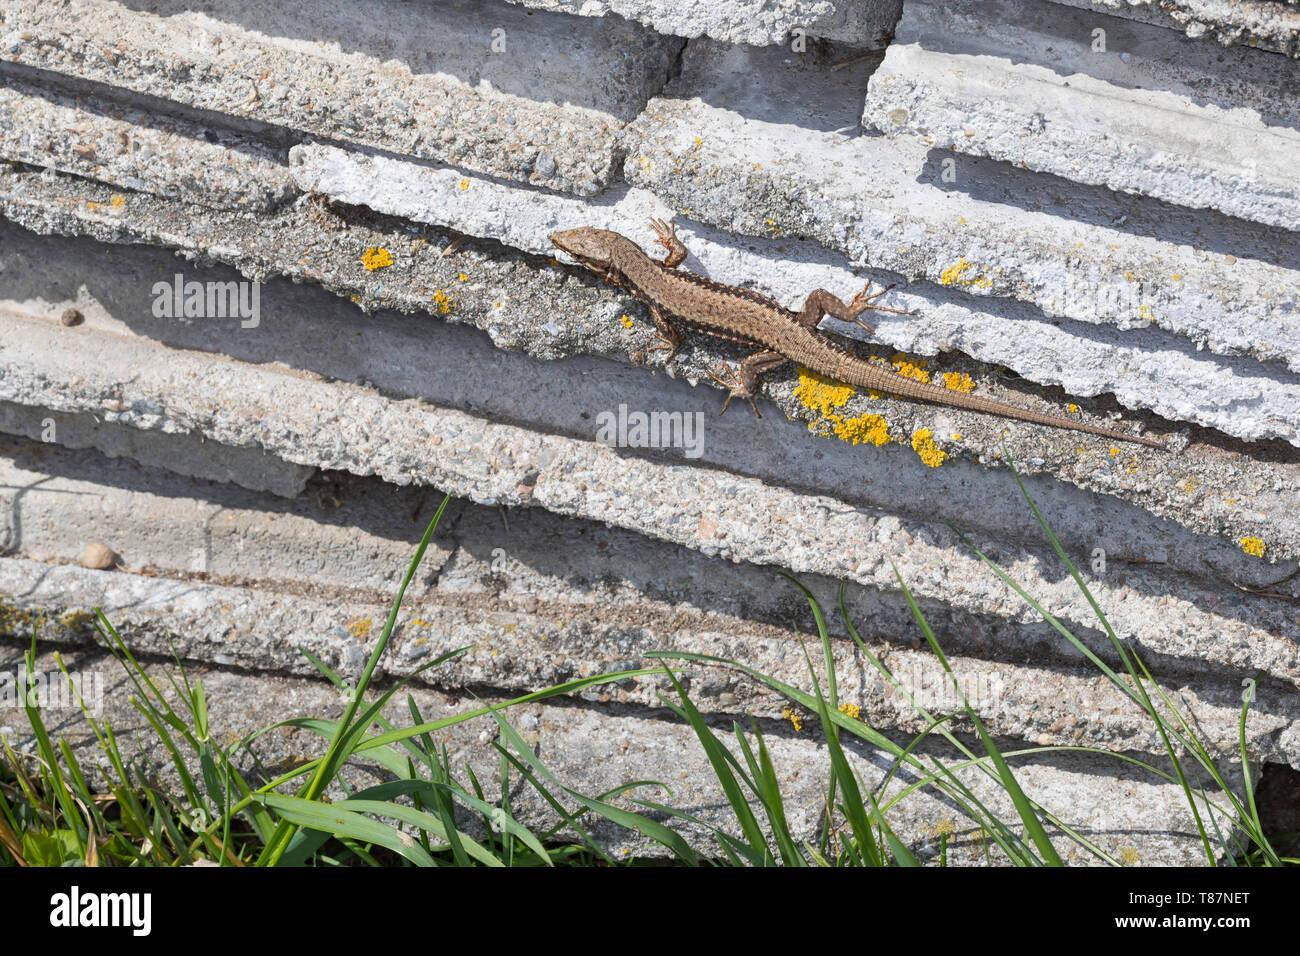 Mauereidechse, Mauer-Eidechse, Podarcis muralis, Lacerta muralis, common wall lizard, wall lizard, European wall lizard, Le Lézard des murailles, Öste - Stock Image